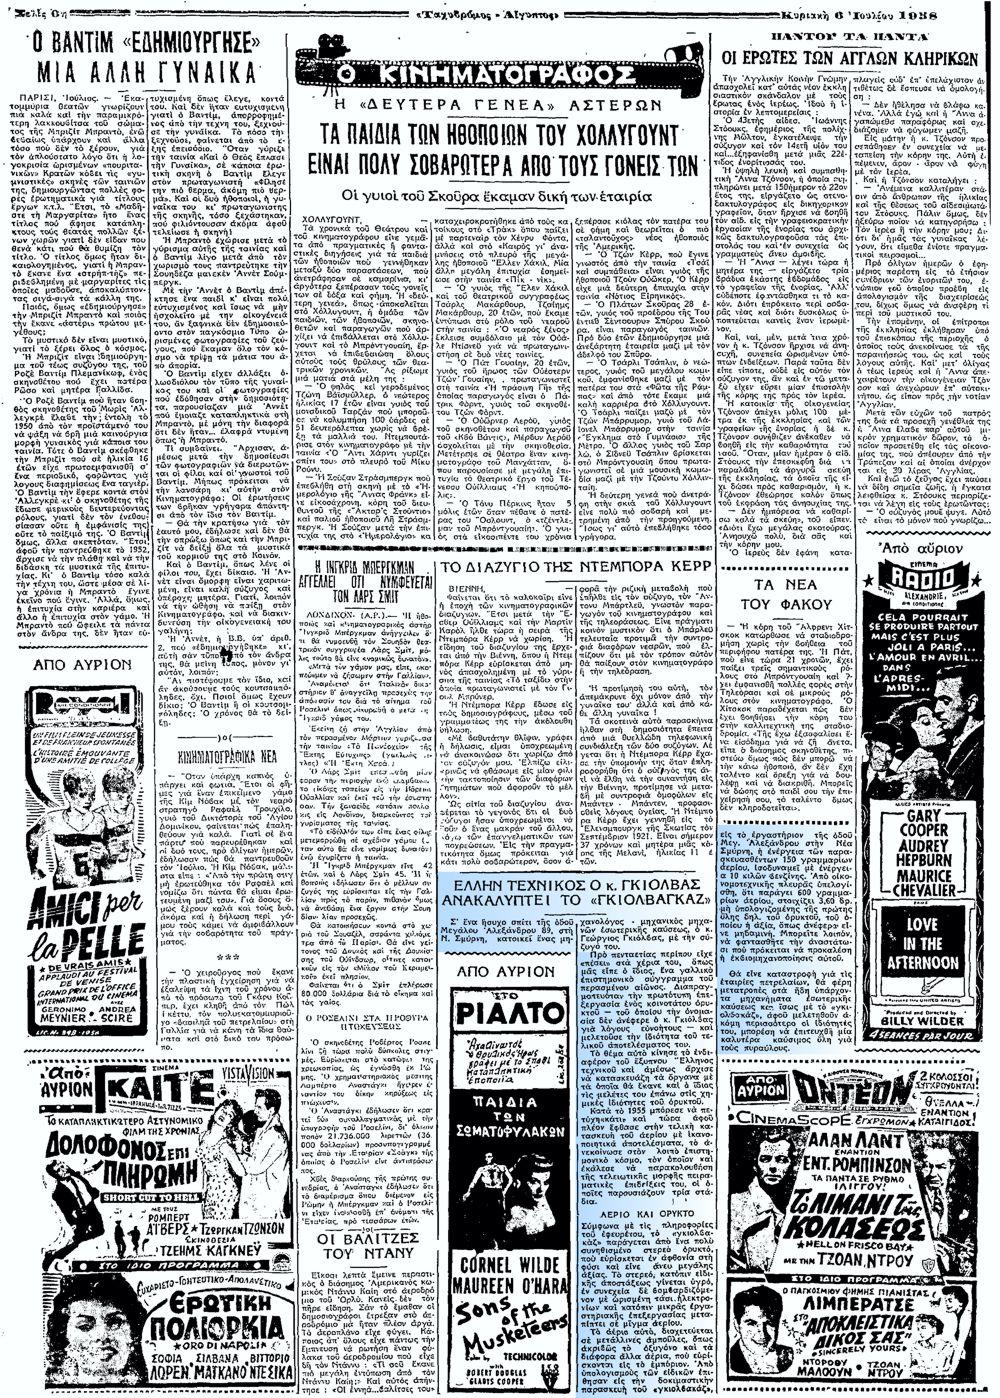 """Το άρθρο, όπως δημοσιεύθηκε στην εφημερίδα """"ΤΑΧΥΔΡΟΜΟΣ"""", στις 06/07/1958"""